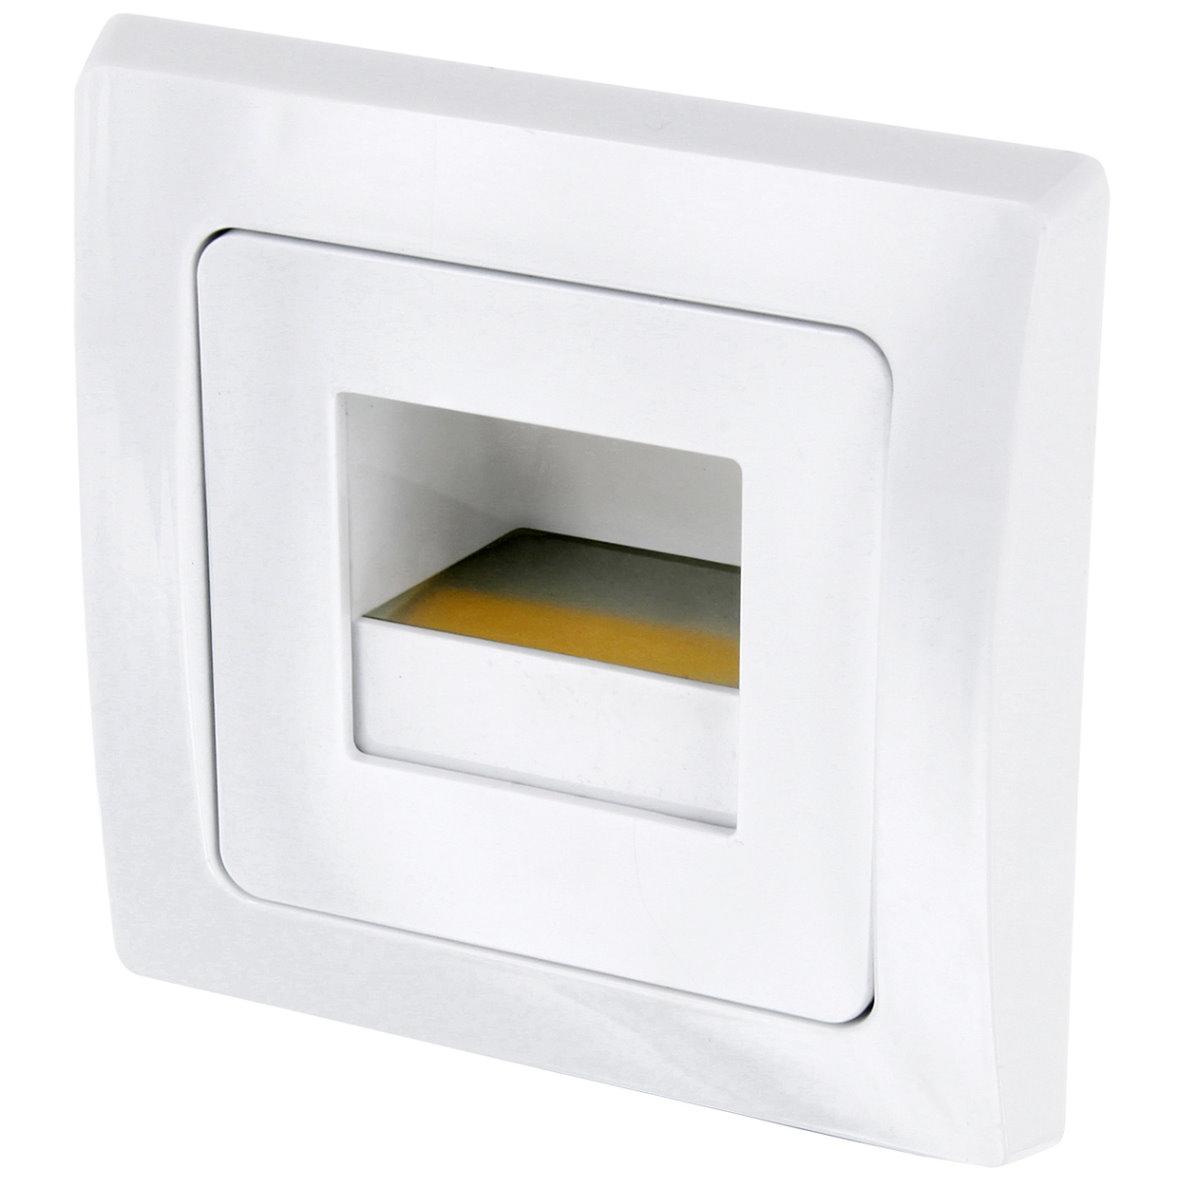 Led einbau stufenleuchte wandeinbauleuchte treppenlicht for Fenster 50x50